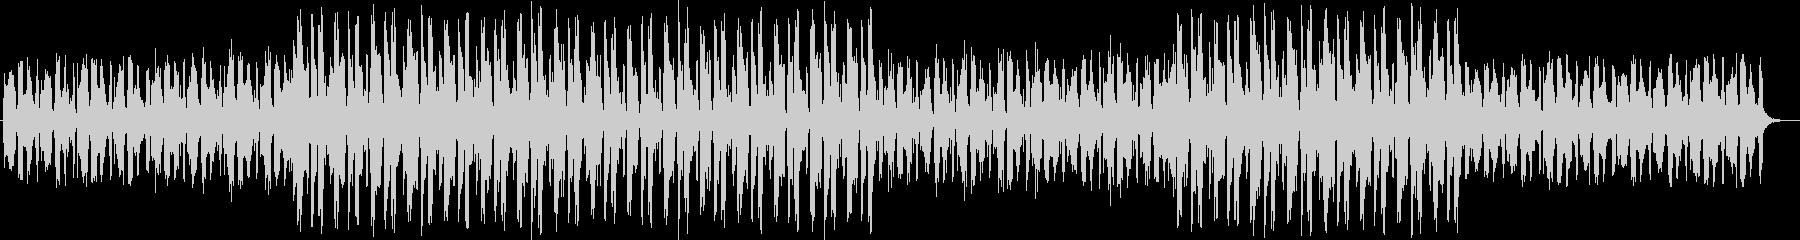 チルアウト シティポップ ローファイ の未再生の波形